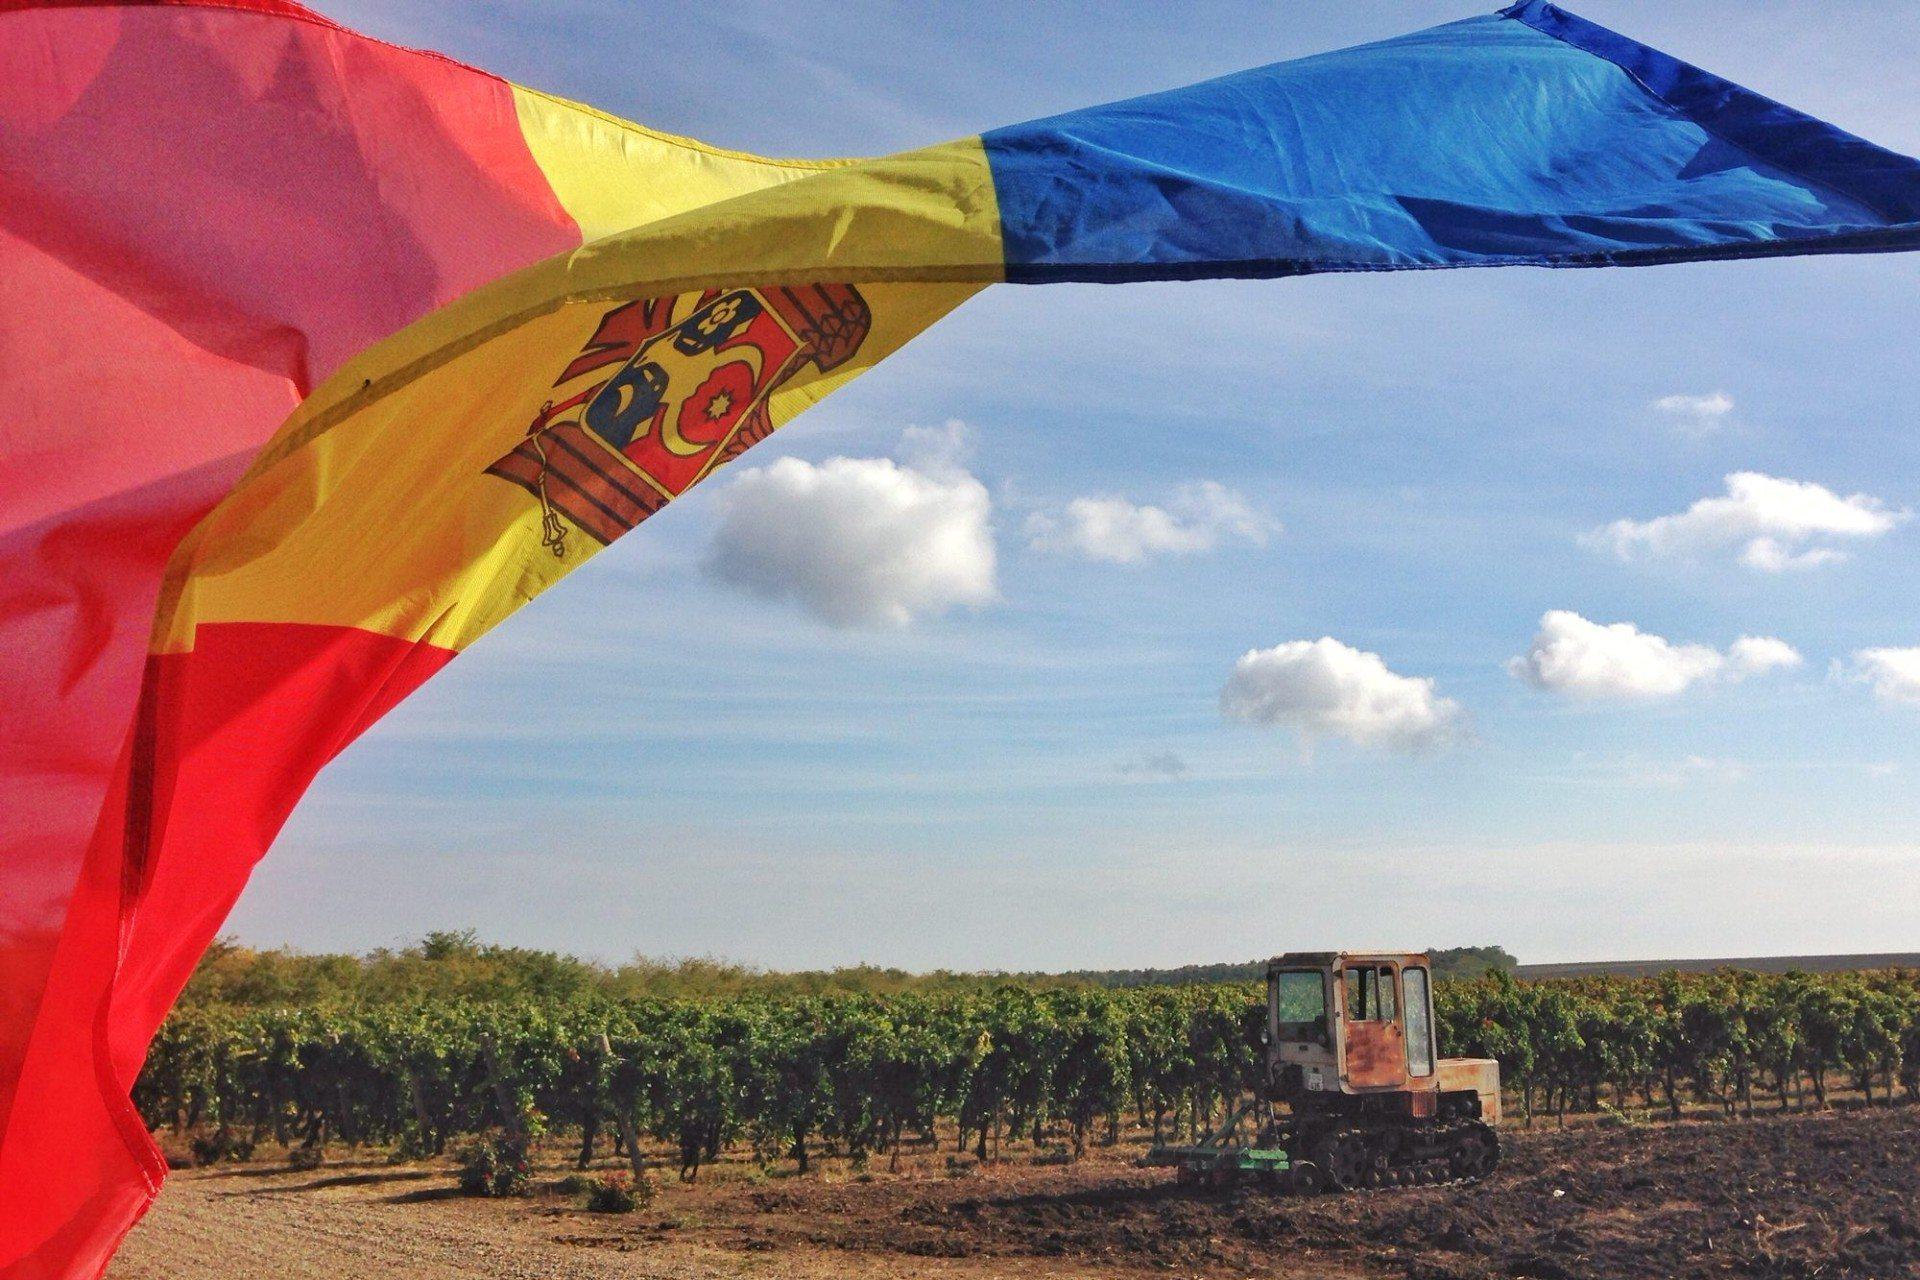 Wat maakt Moldavische wijn zo bijzonder? Naast de goede terroir is het wijn maken een onmiskenbaar deel van de Moldavische samenleving. Vele huizen op het platteland hebben een eigen wijnkelder. Elke generatie wordt grootgebracht met de traditie van wijn maken. Naast moderne productiemiddelen, wordt er nog veel met de hand en traditionele productiemethodes gewerkt.